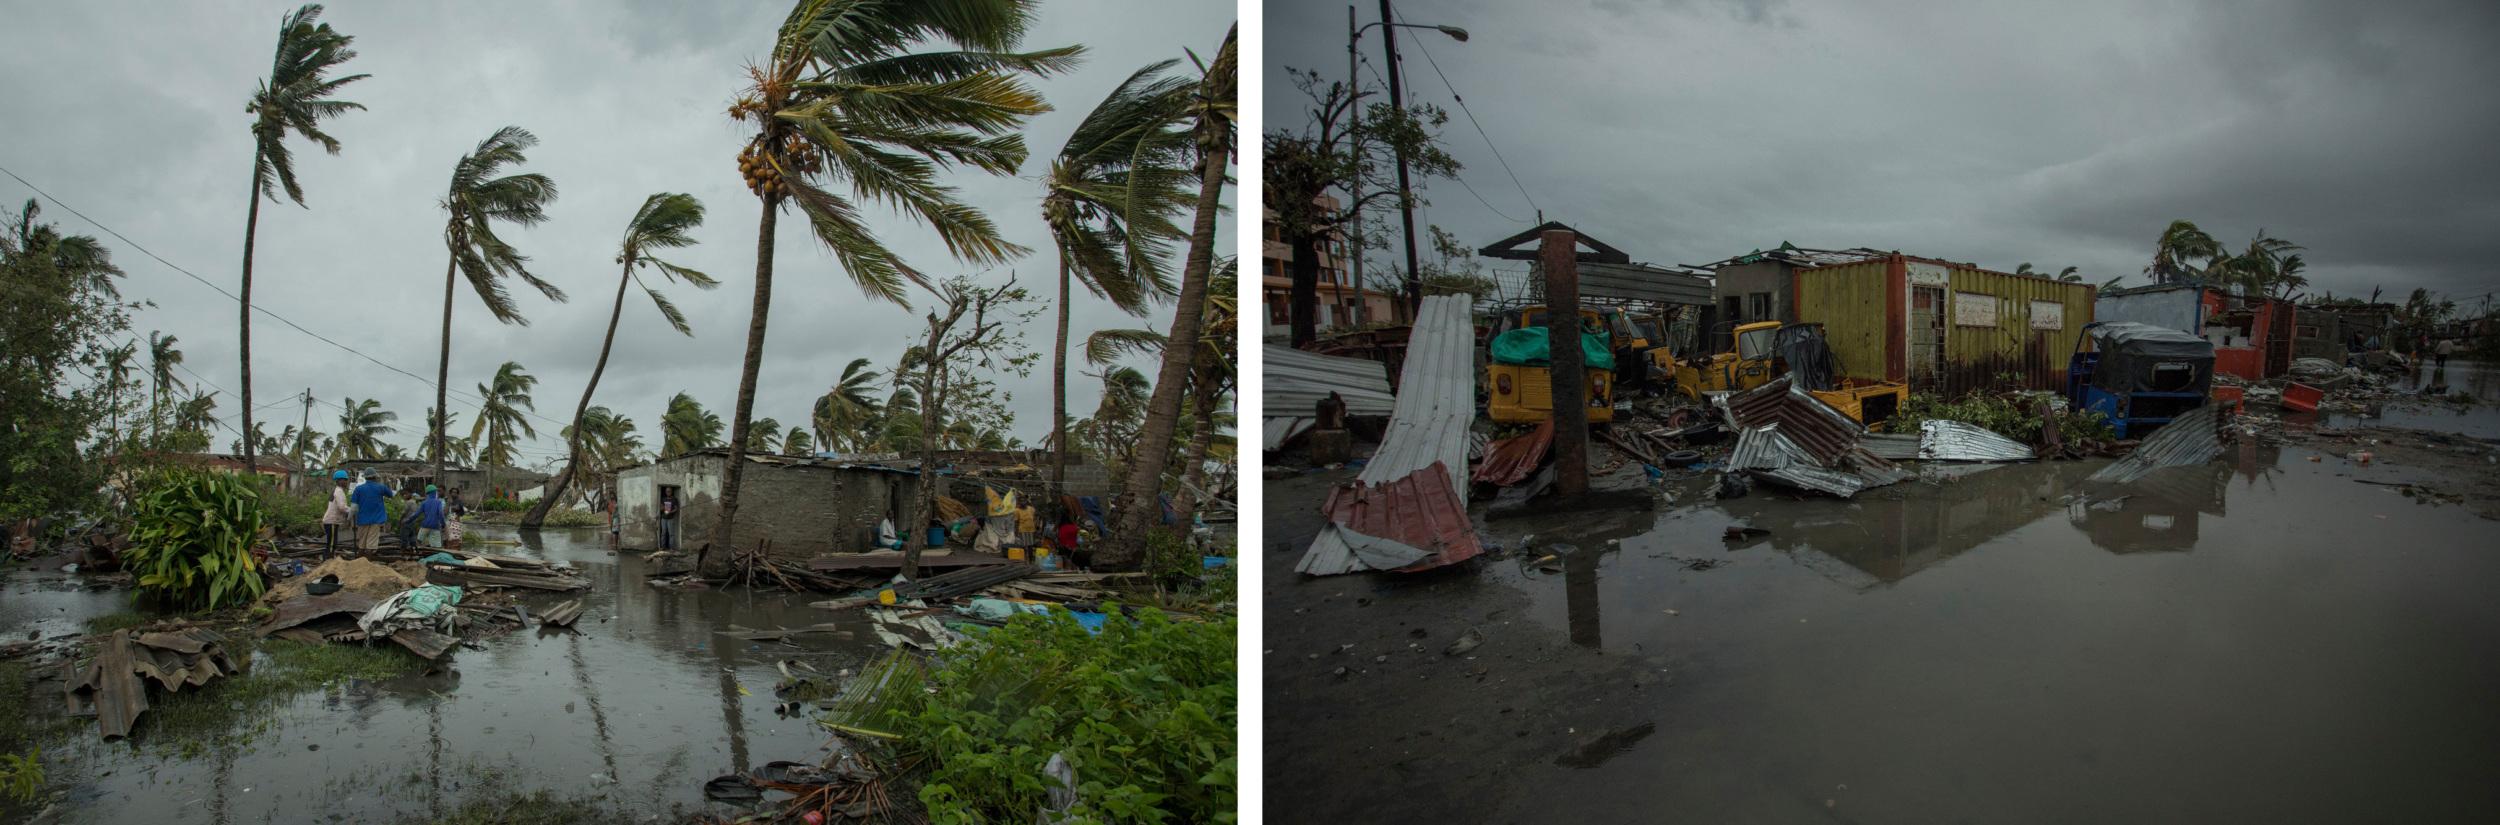 Quase um mês atrás, em 14 de março, o ciclone Idai atingiu Moçambique, Malawi e Zimbabwe com ventos de 125 milhas por hora, matando mais de 1,000 pessoas e deixando outros 3 milhões em necessidade desesperada de ajuda.